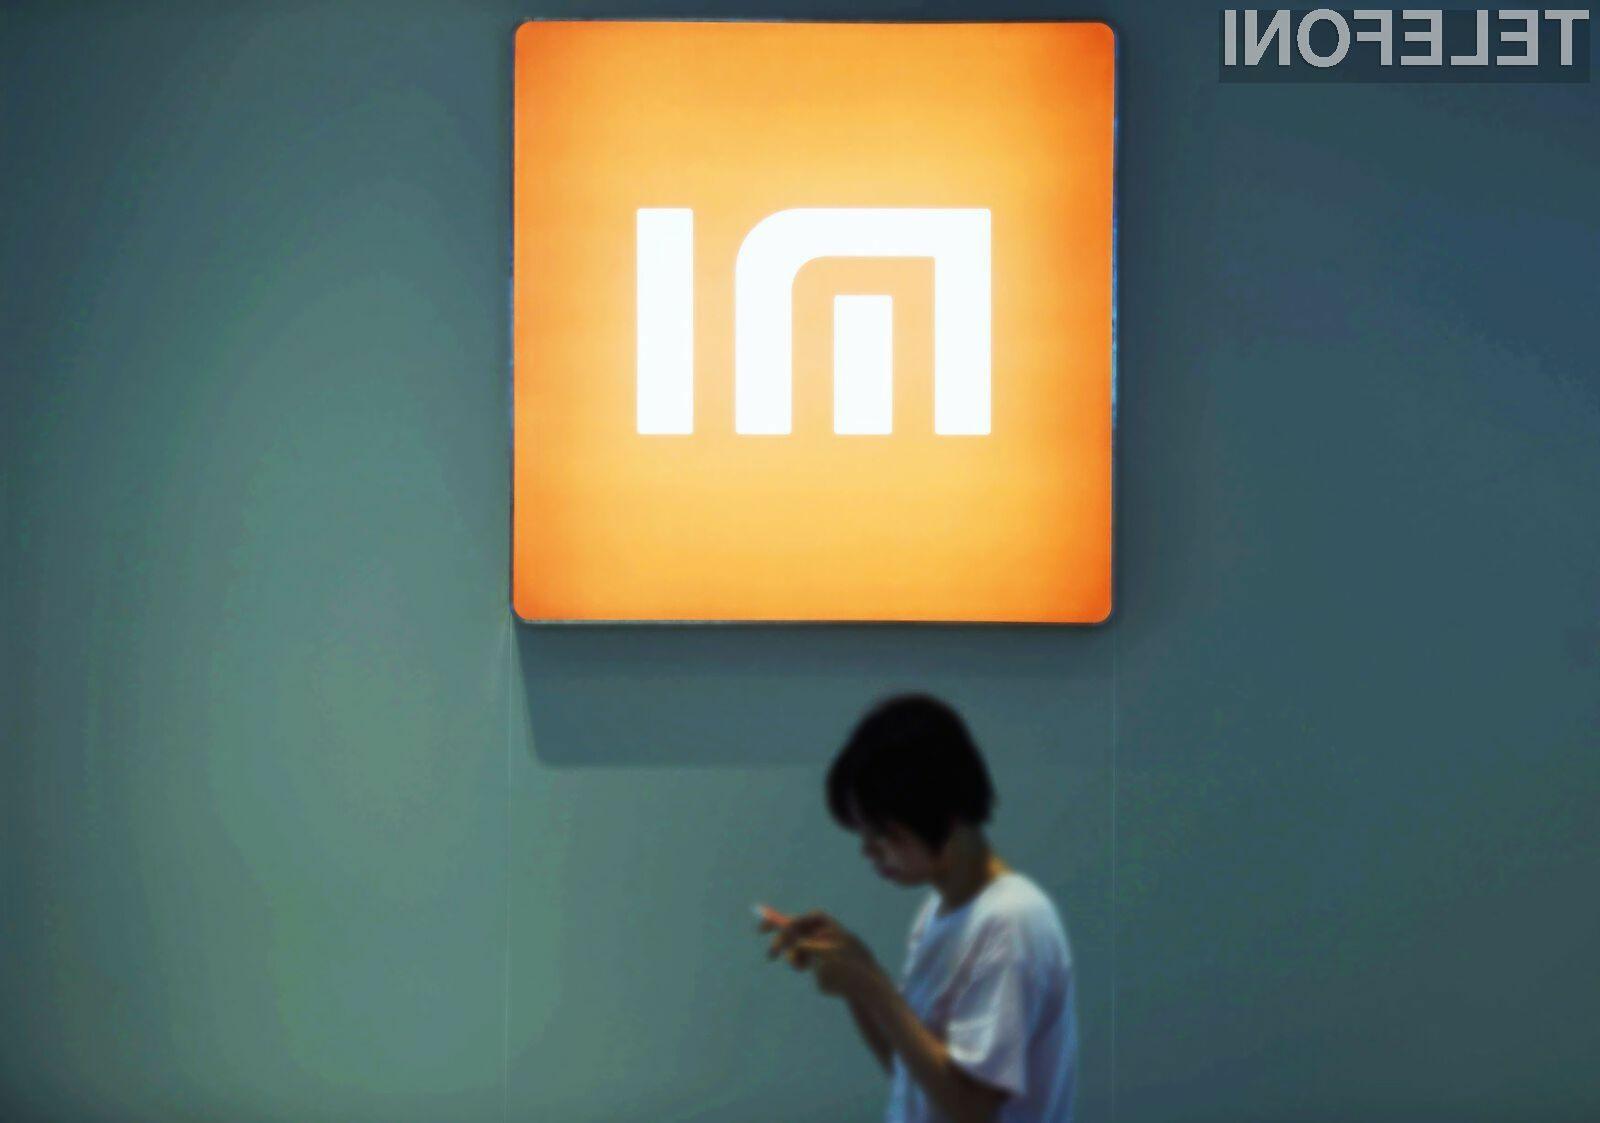 Kitajska podjetja naj bi v naslednjem letu ponudila v prodajo snow nekaj upogljivih mobilnih naprav.